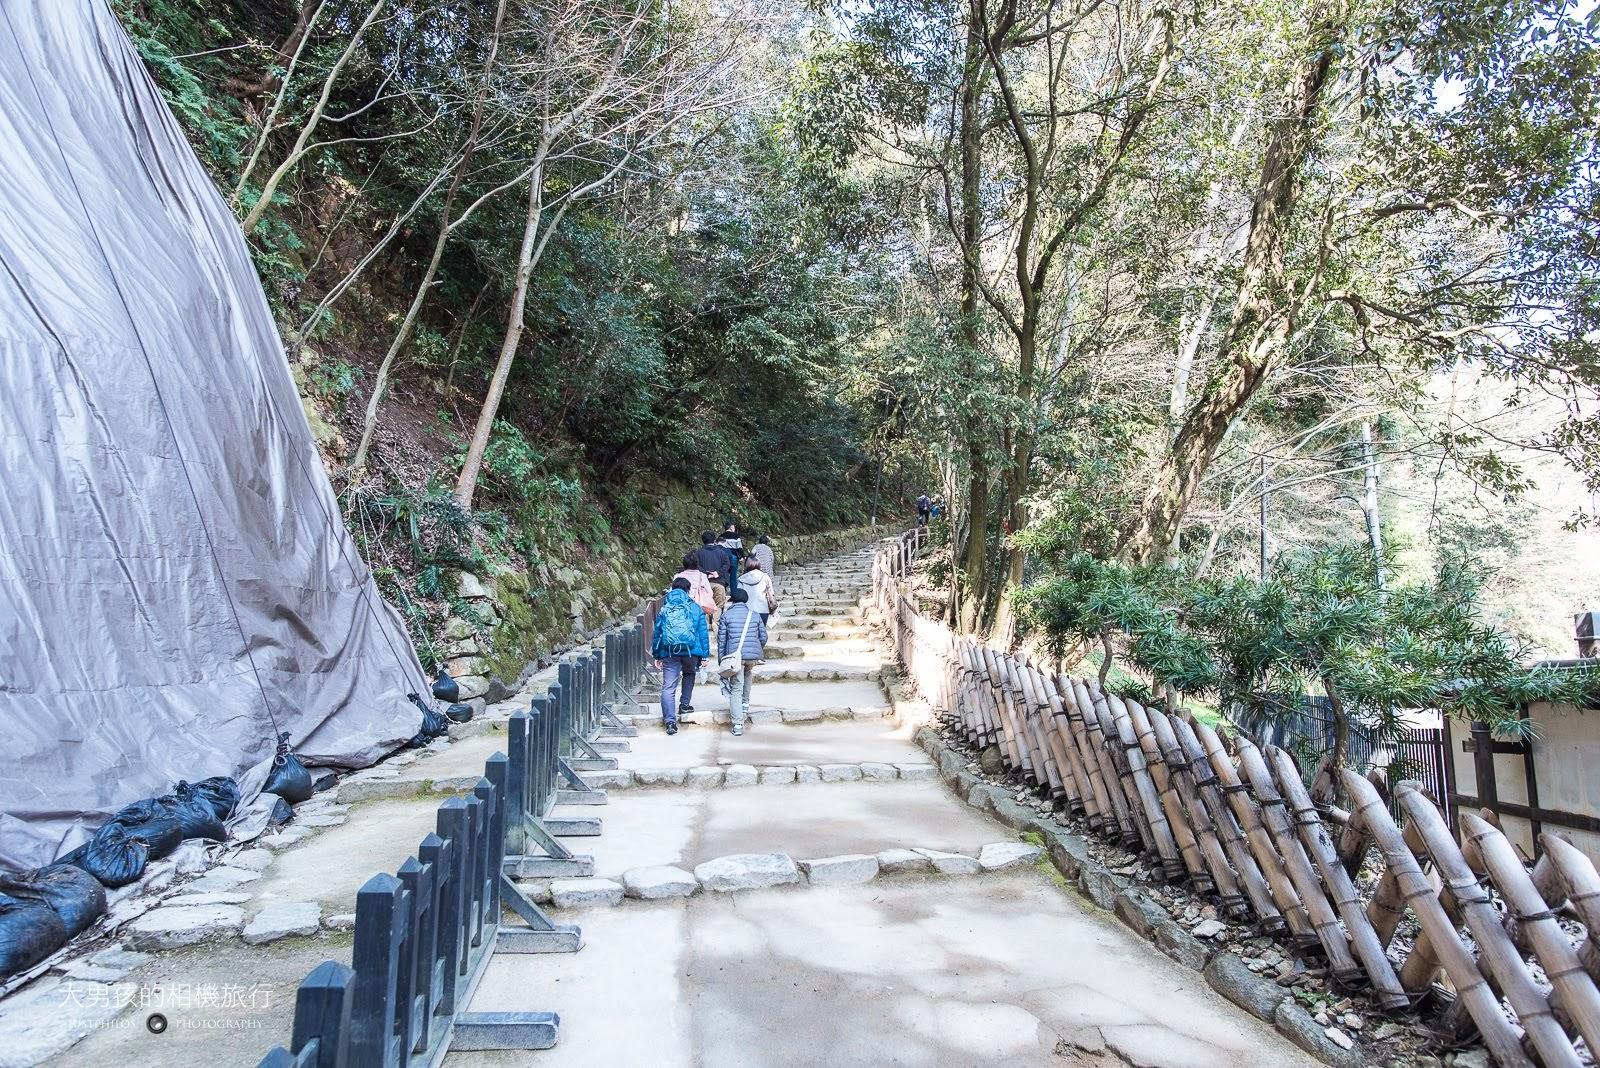 一進入彥根城就要開始爬一段上坡的階梯,坡勢平緩還算滿好走的。